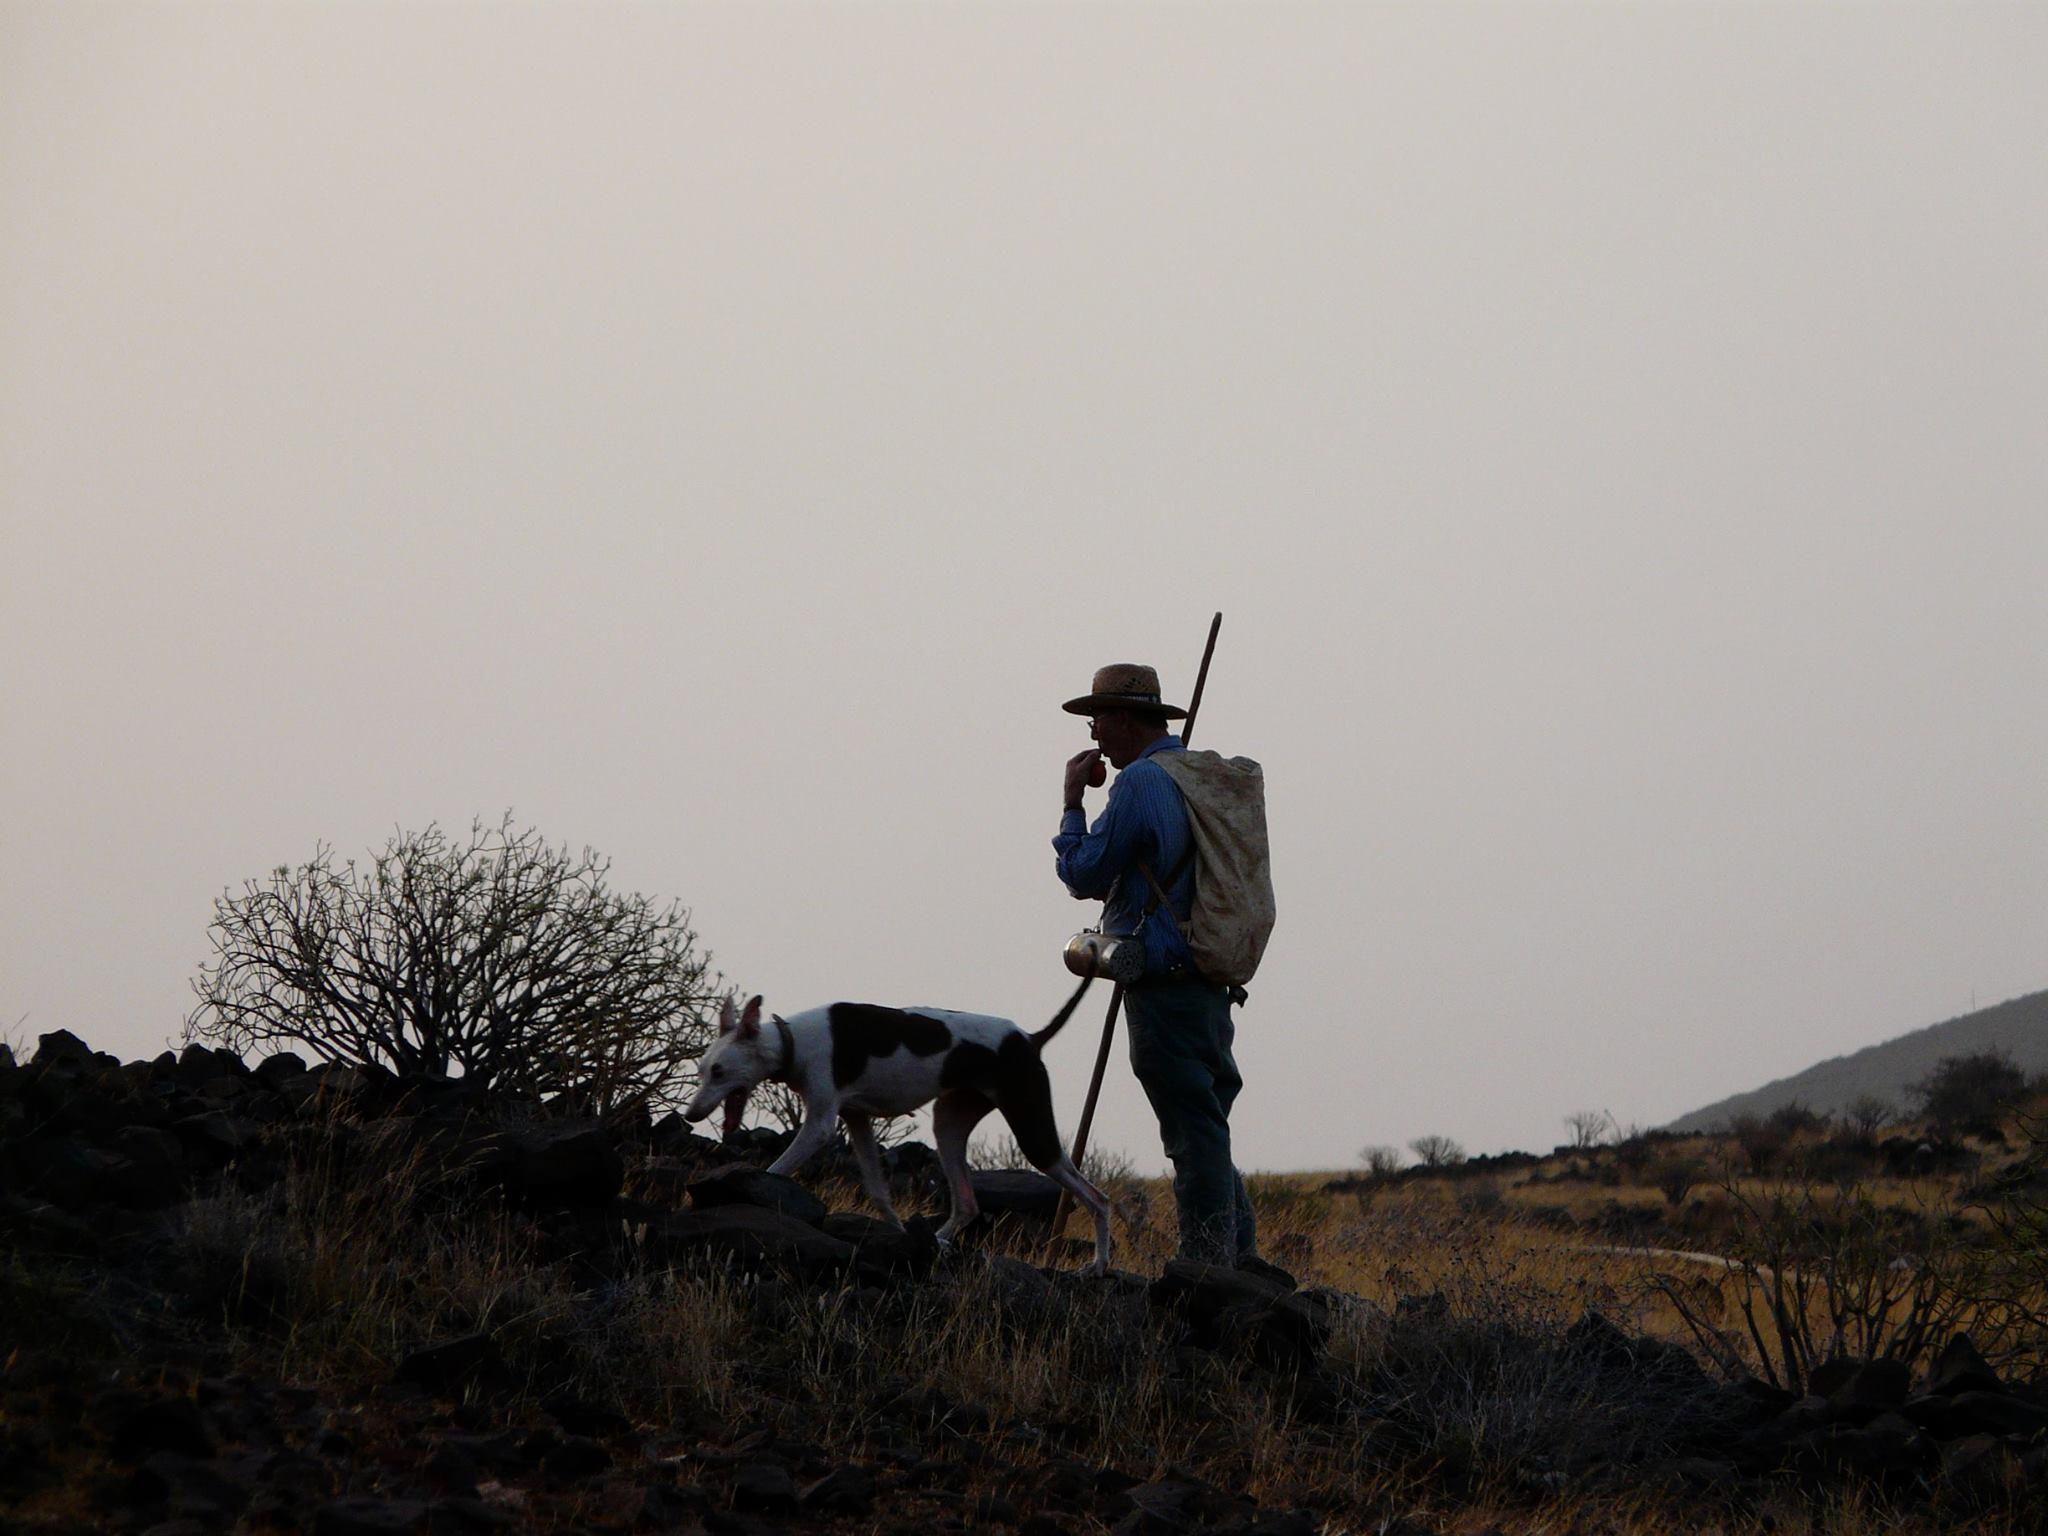 ADECAP y MUTUASPORT lanzan una campaña para la prevención de los accidentes de caza con la colaboración de Trofeo en la cesión de contenidos